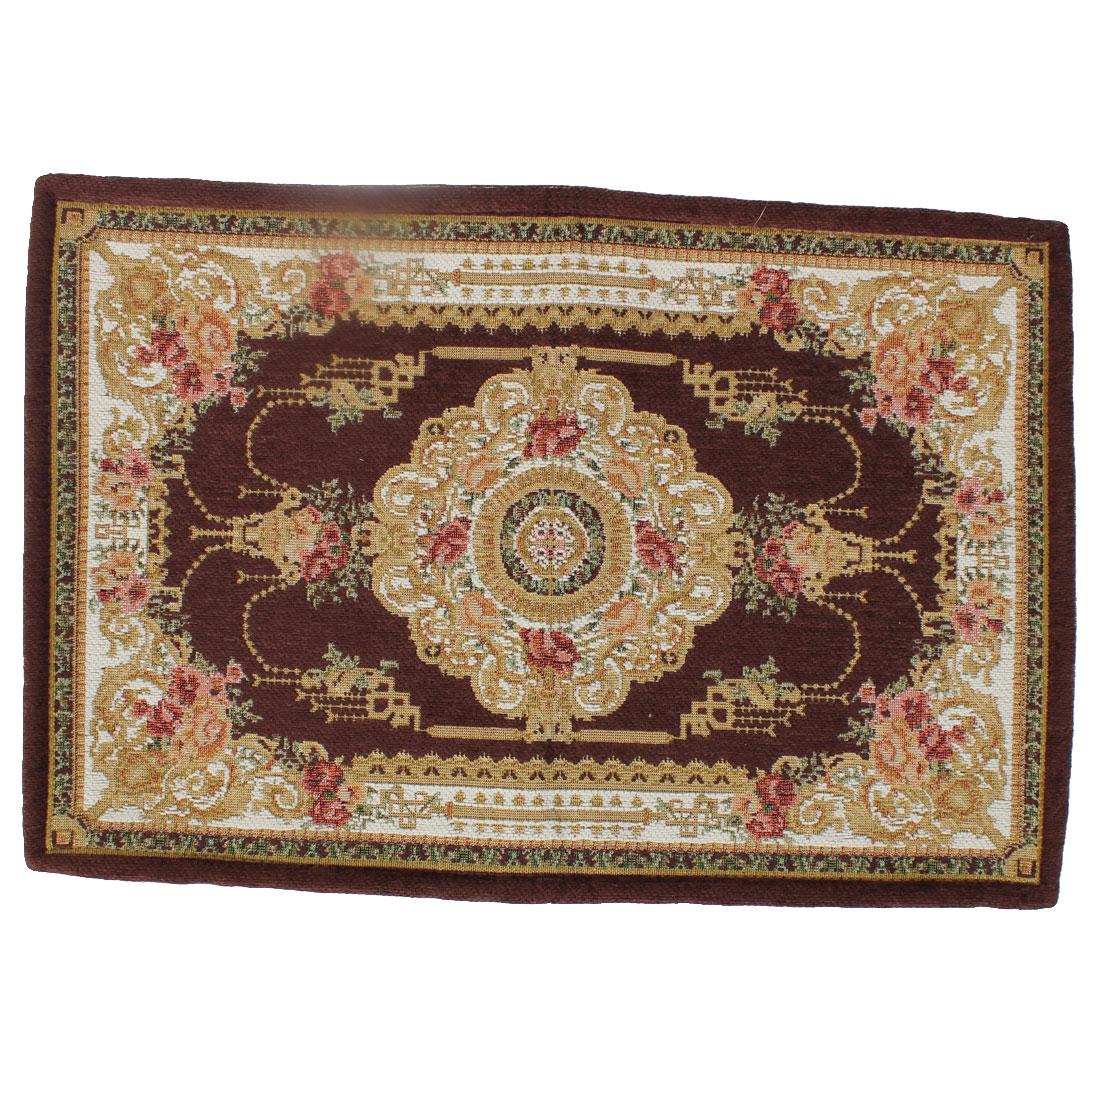 Household Flower Pattern Rectangle Shaped Floor Mat Area Rug Carpet 60cm x 40cm